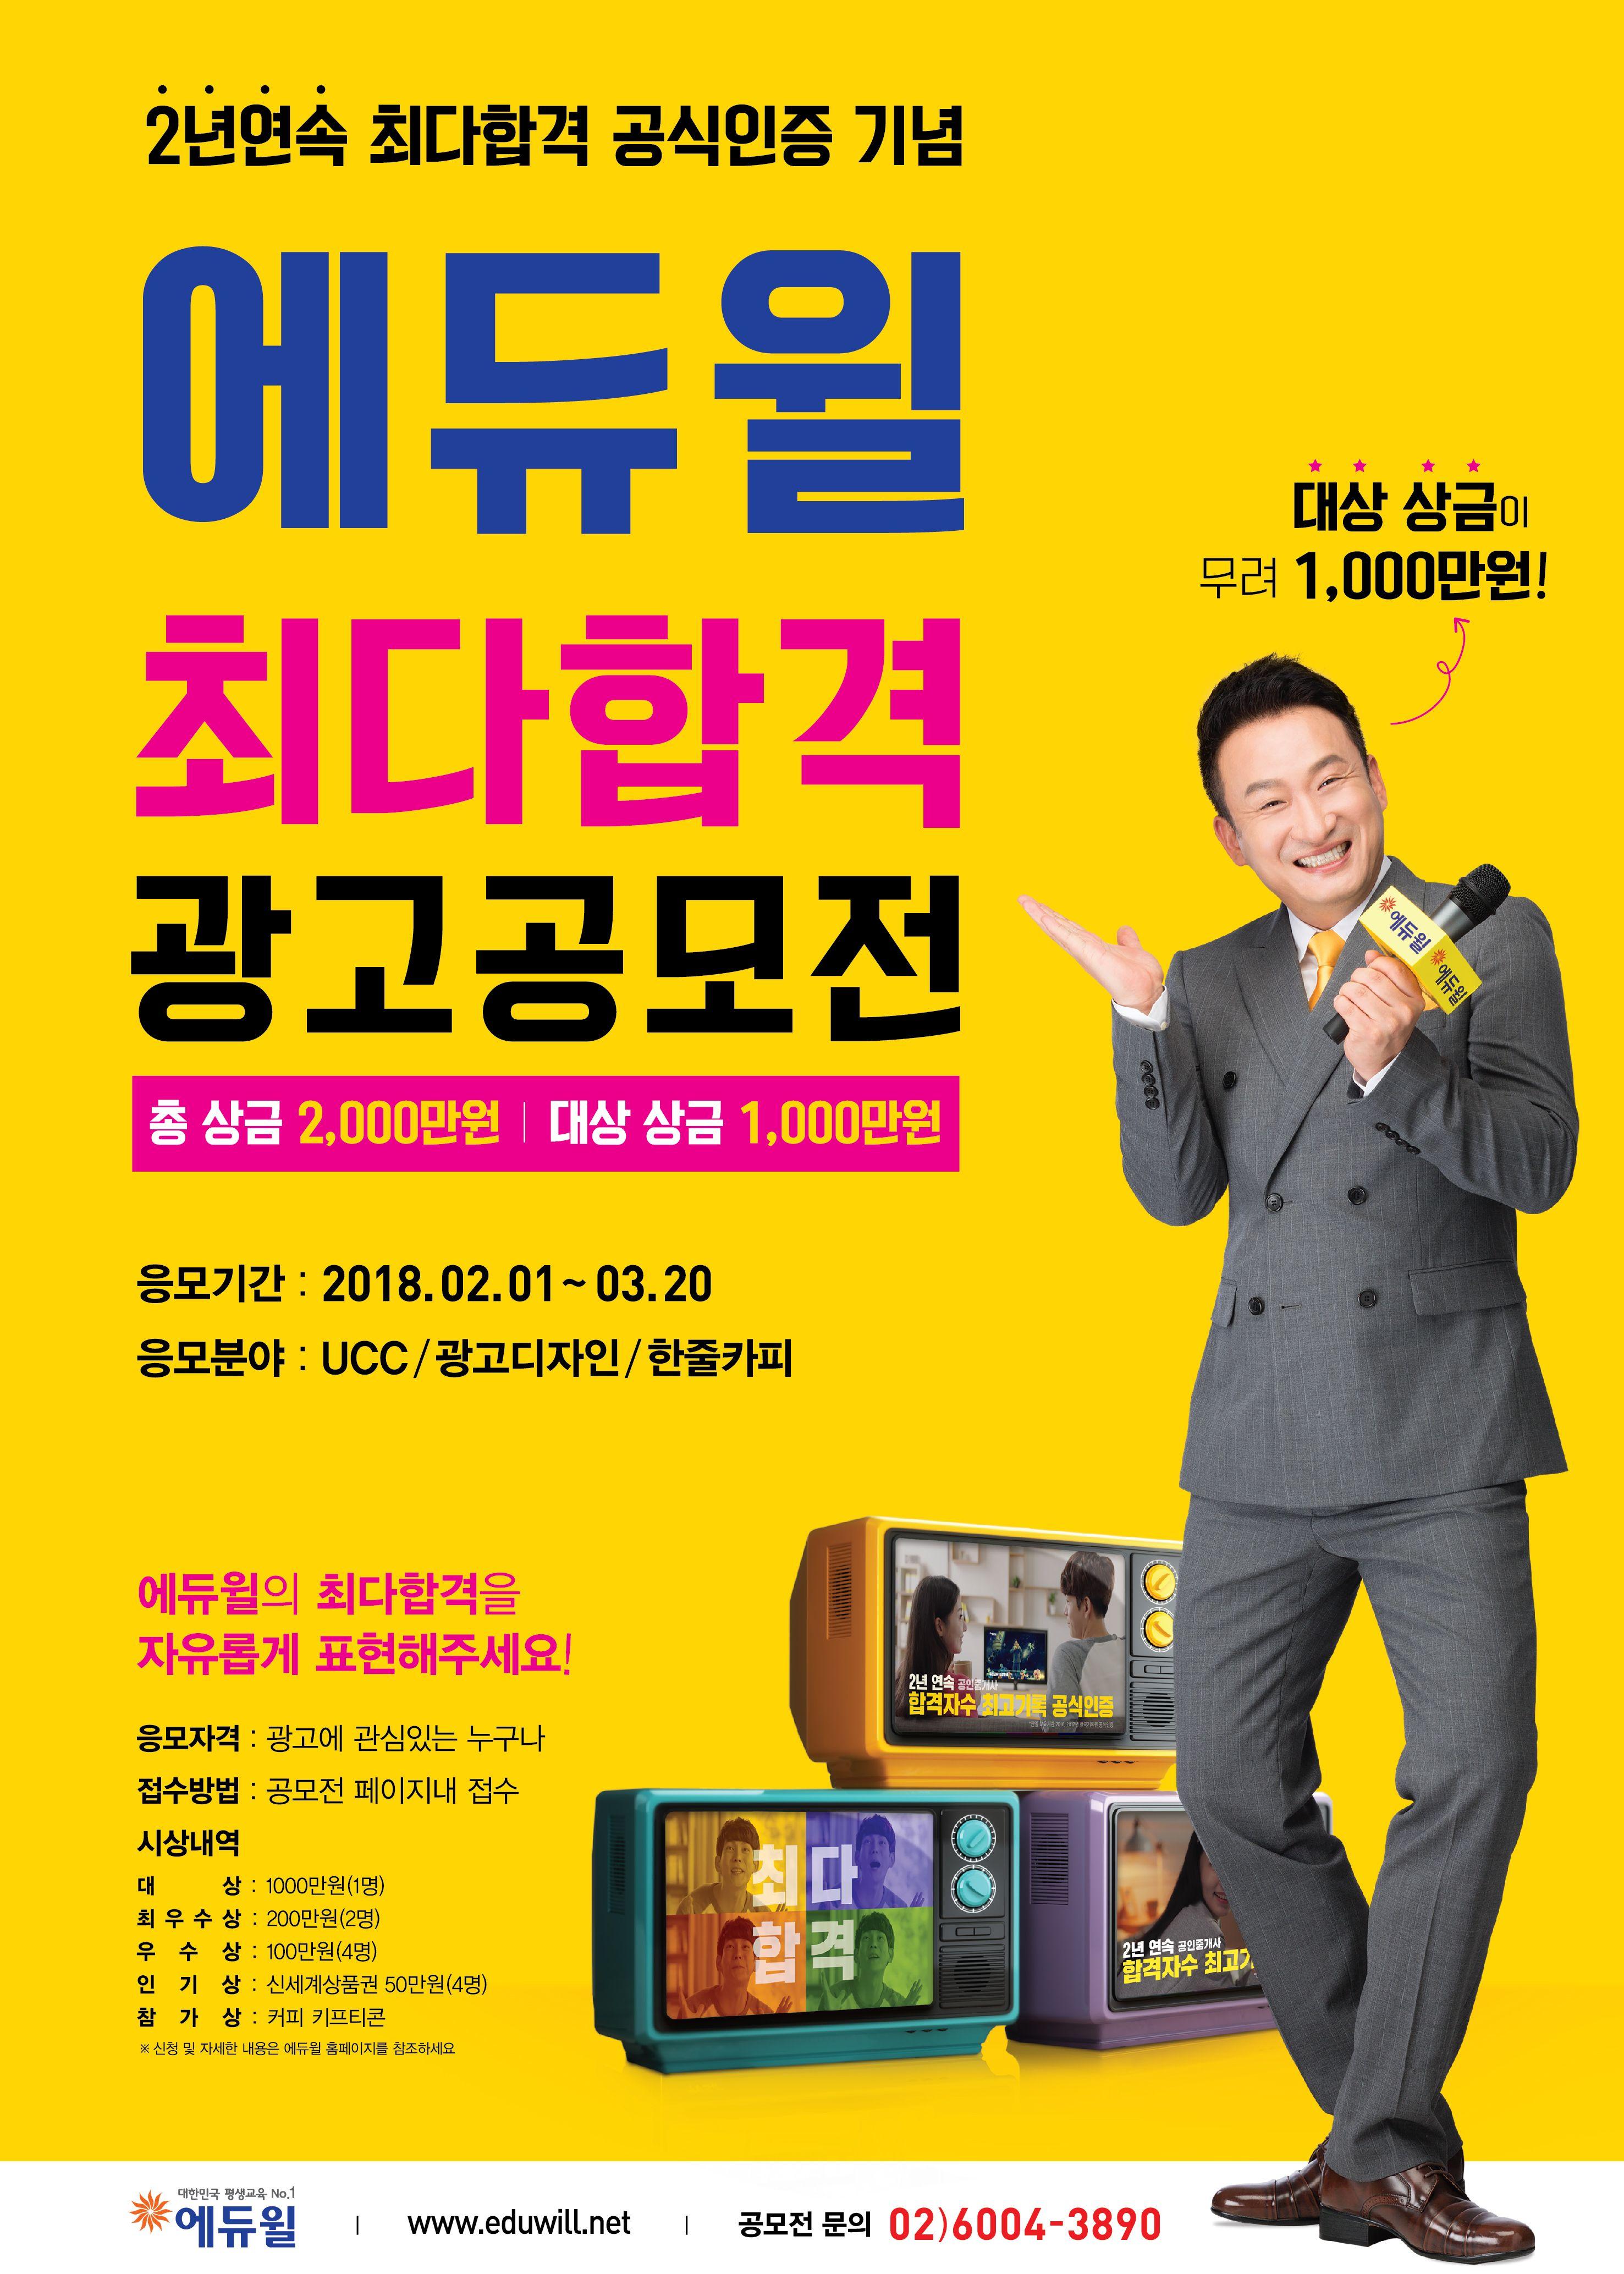 [에듀윌] 최다합격 광고 공모전